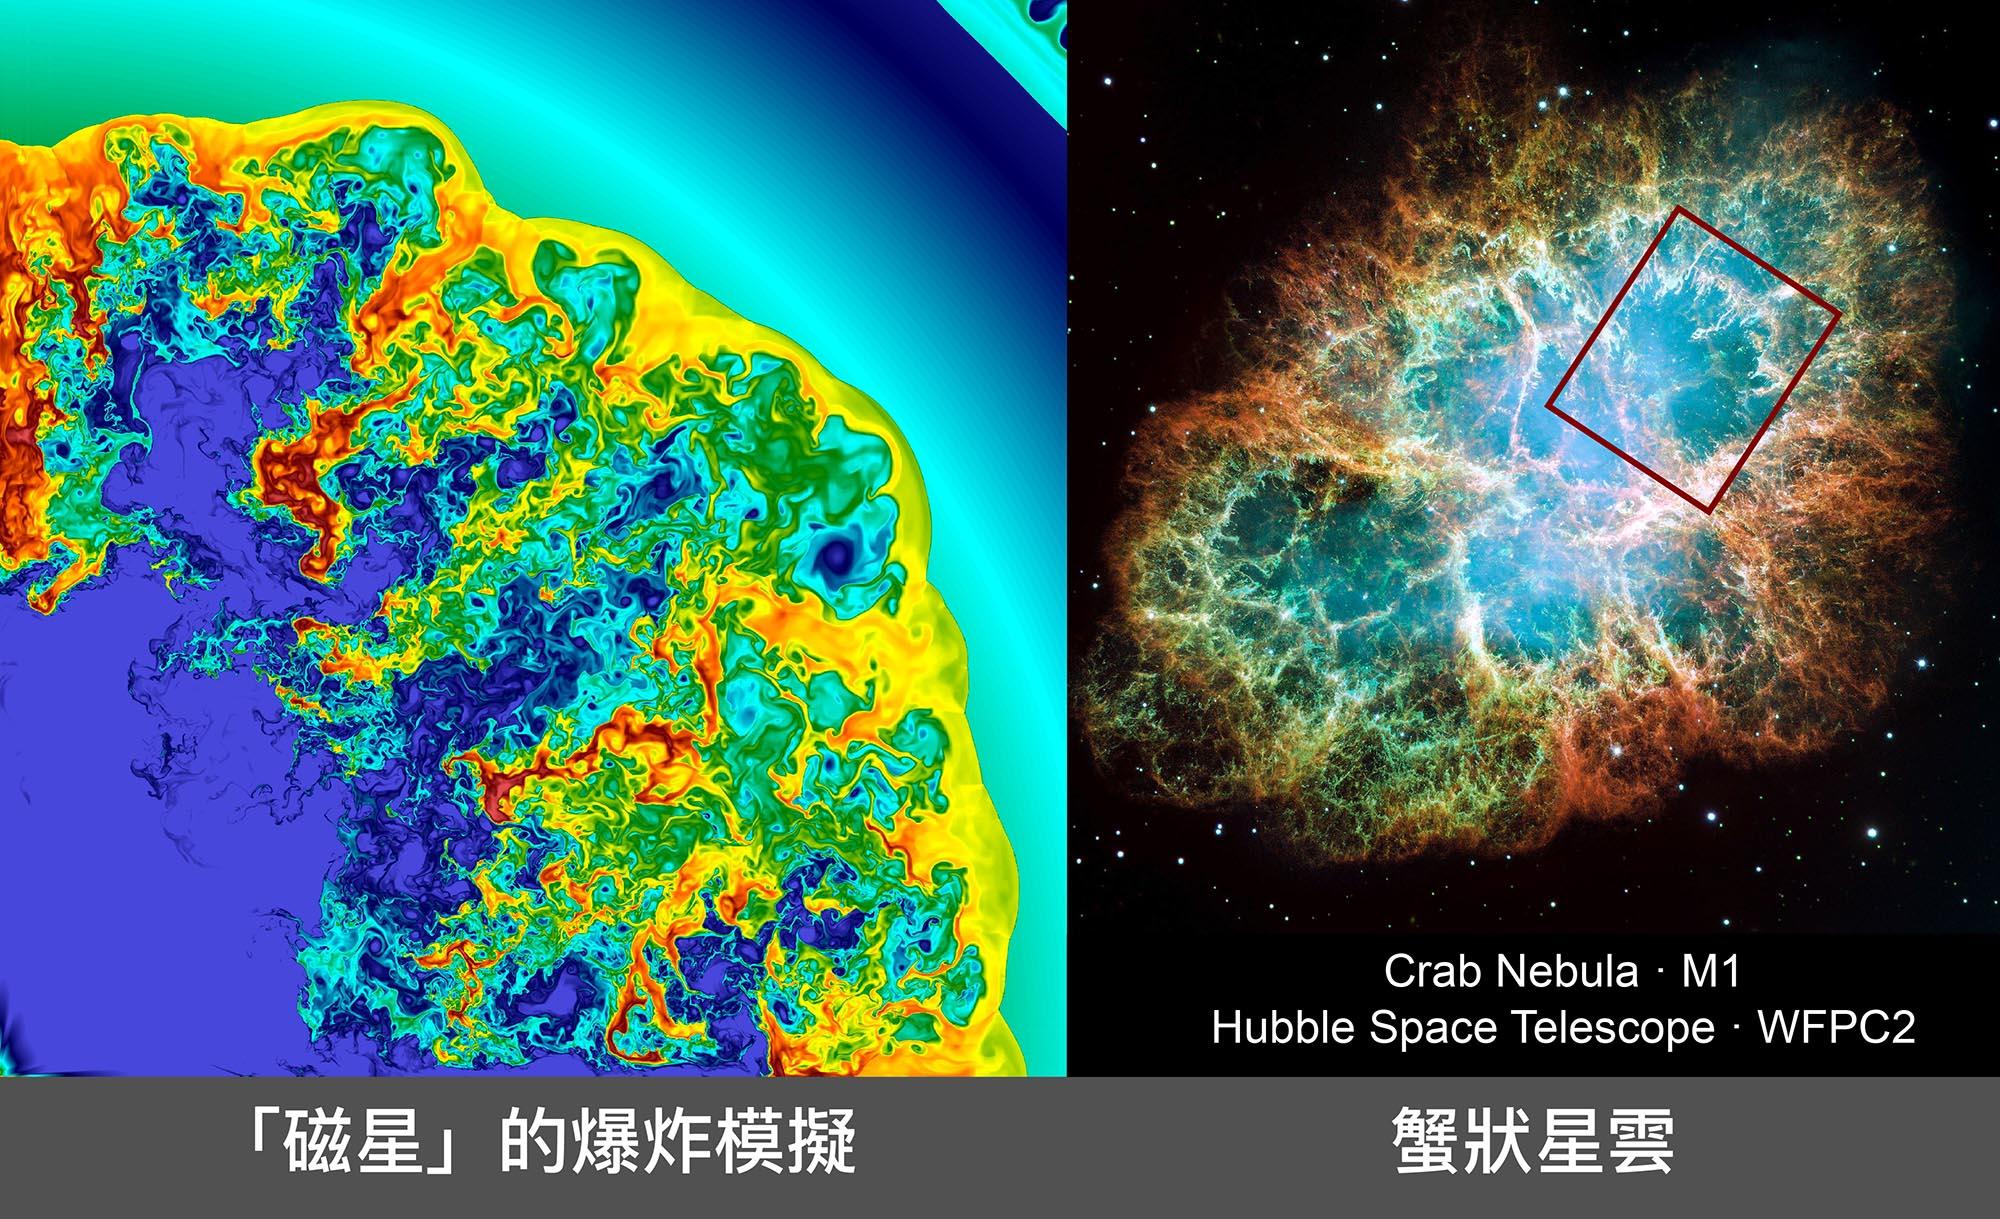 磁星 (magnetar) 的超新星爆炸機制,左圖模擬出來的結構,與右圖的蟹狀星雲(紅框處)非常像。 資料來源│左圖:陳科榮,右圖:NASA, ESA, J. Hester and A. Loll (Arizona State University)